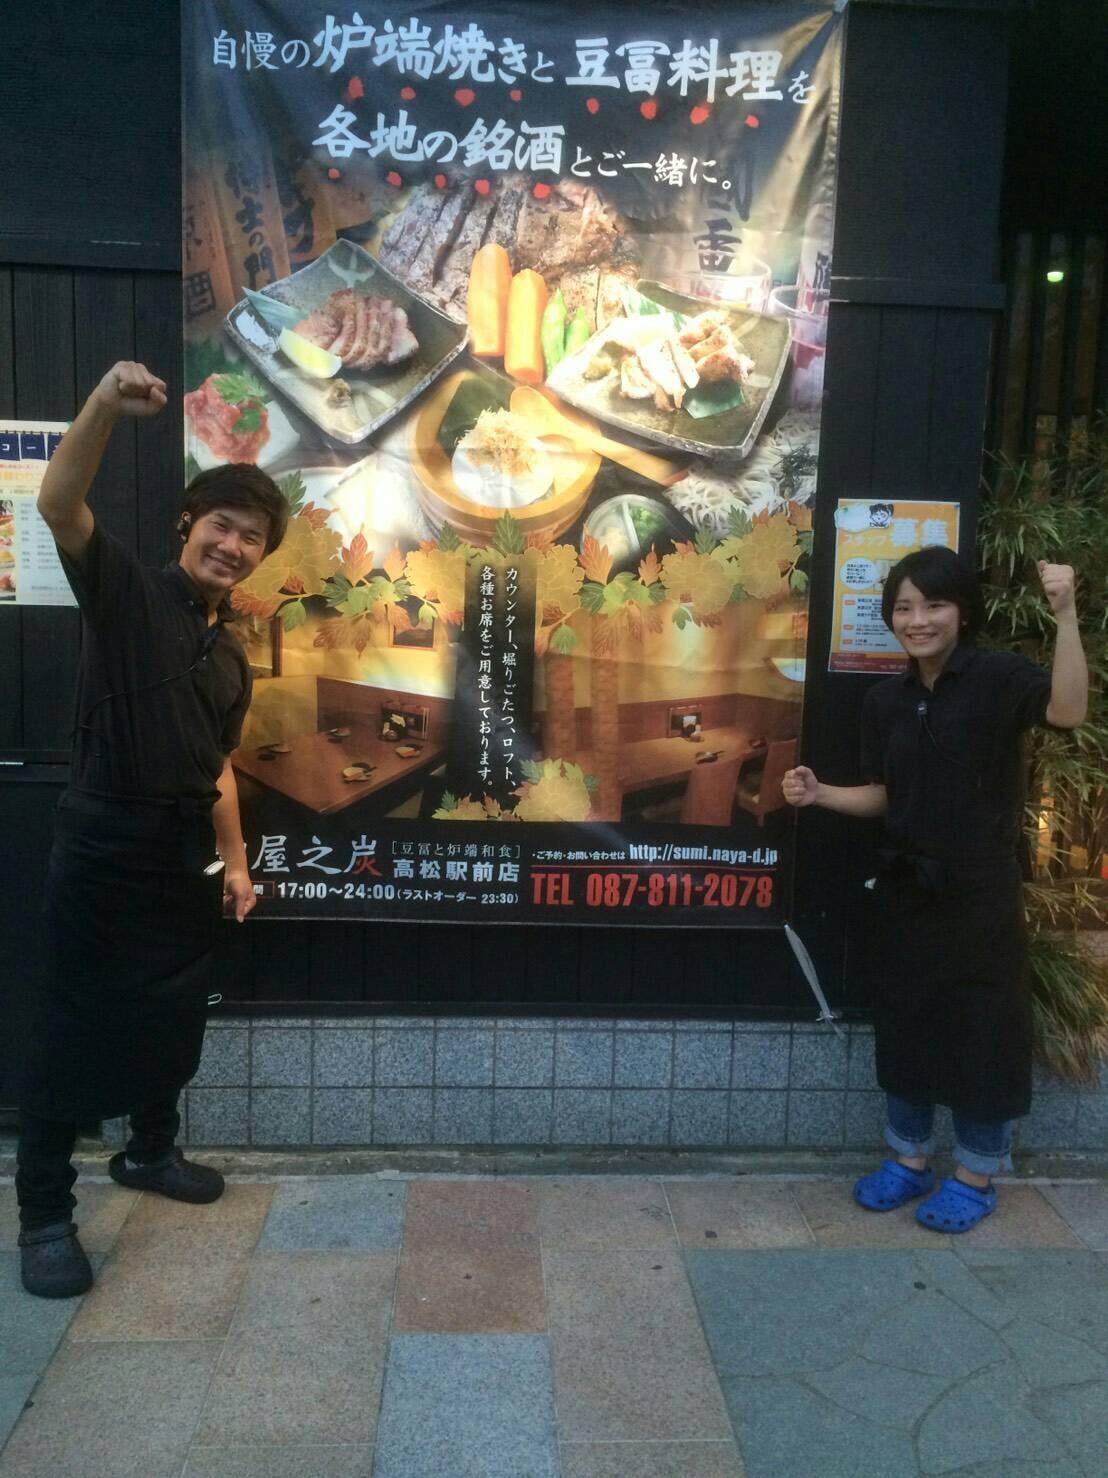 豆腐と炉端和食 納屋之炭 高松駅前店 のアルバイト情報